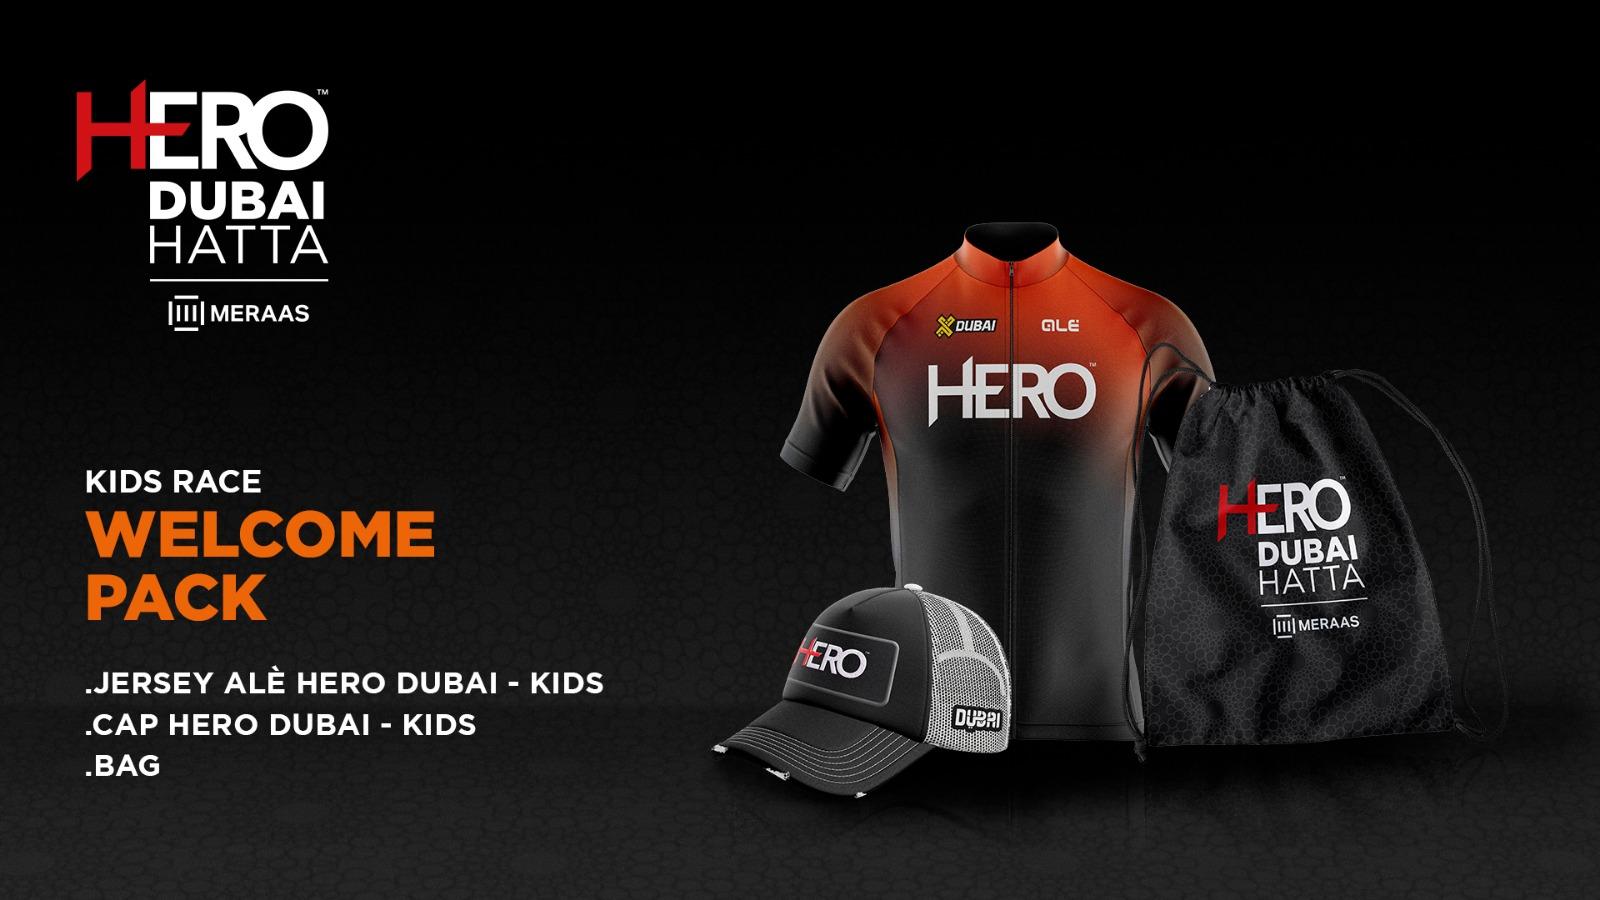 HERO World Series Dubai on Feb 7th at Hatta Mountain Bike Trail Centre